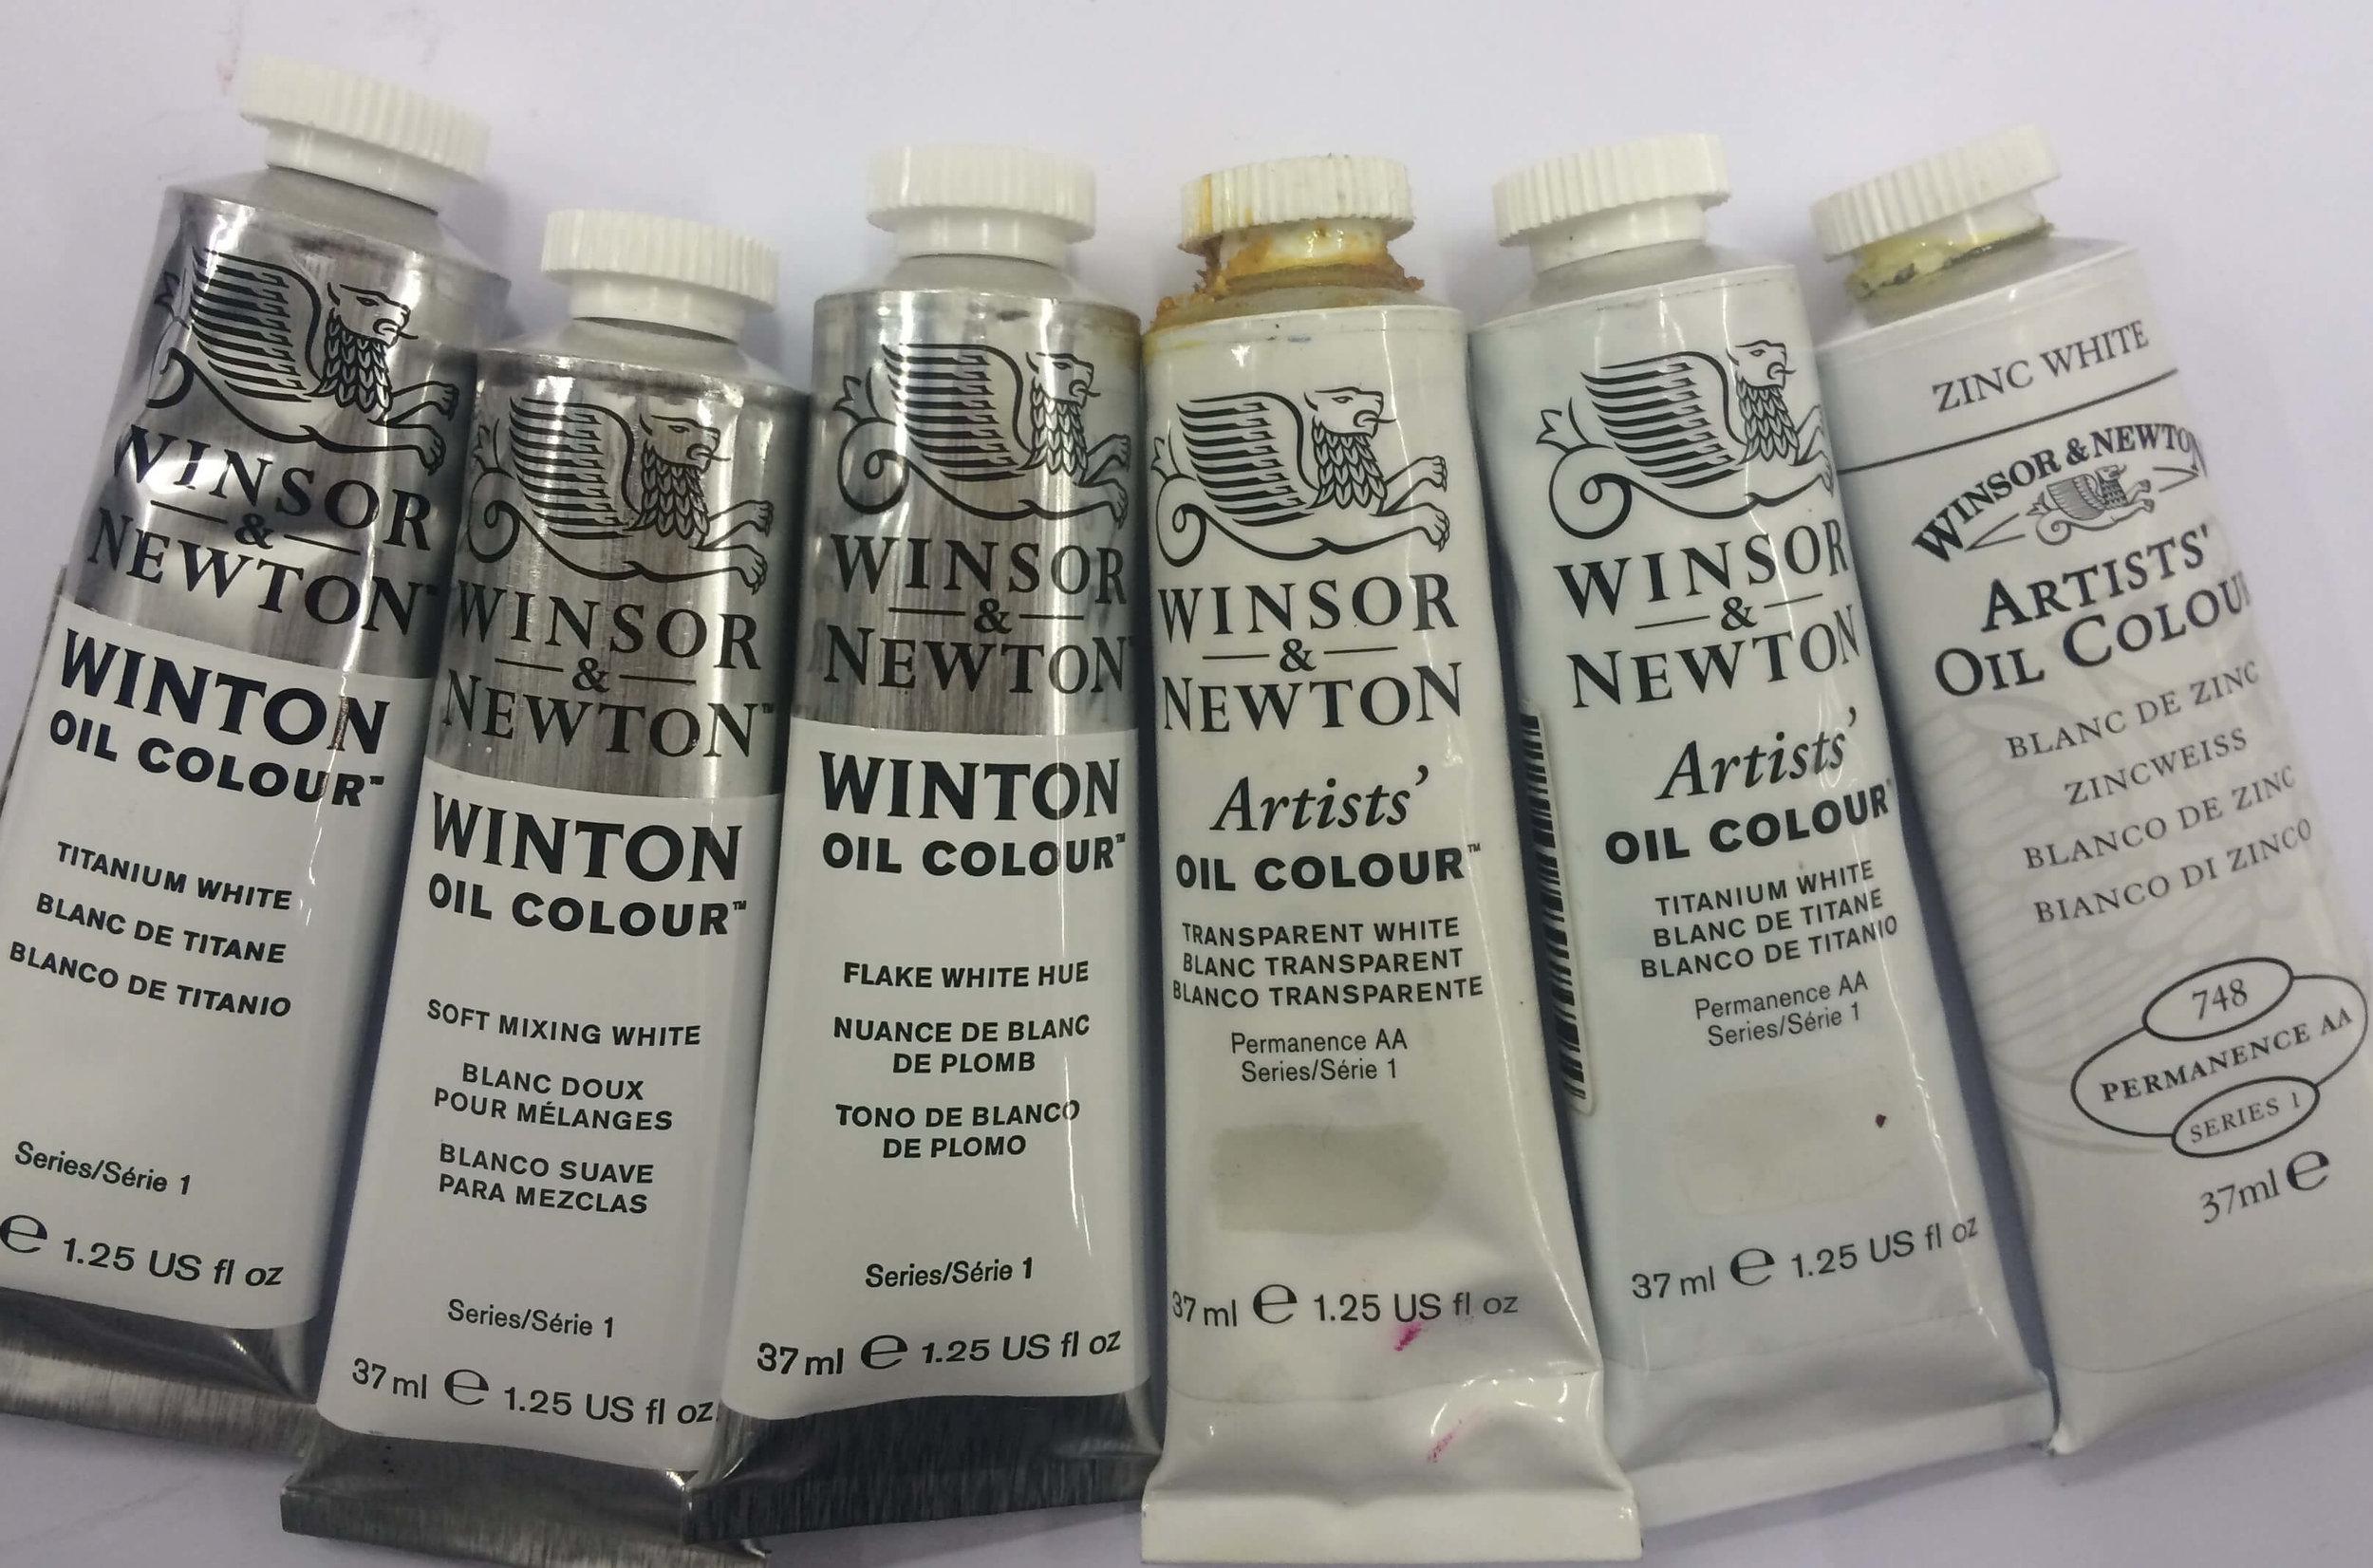 Winsor & Newton: Titanium White | Winton Series 1;Soft Mixing White  | Winton Series 1; Flake White Hue  | Winton Series 1; Transparent White |Artists', Permanence AA, Series 1;Titanium White  |  Artists', Permanence AA  , Series 1; Zinc White  |  Artists', Permanence AA  , Series 1